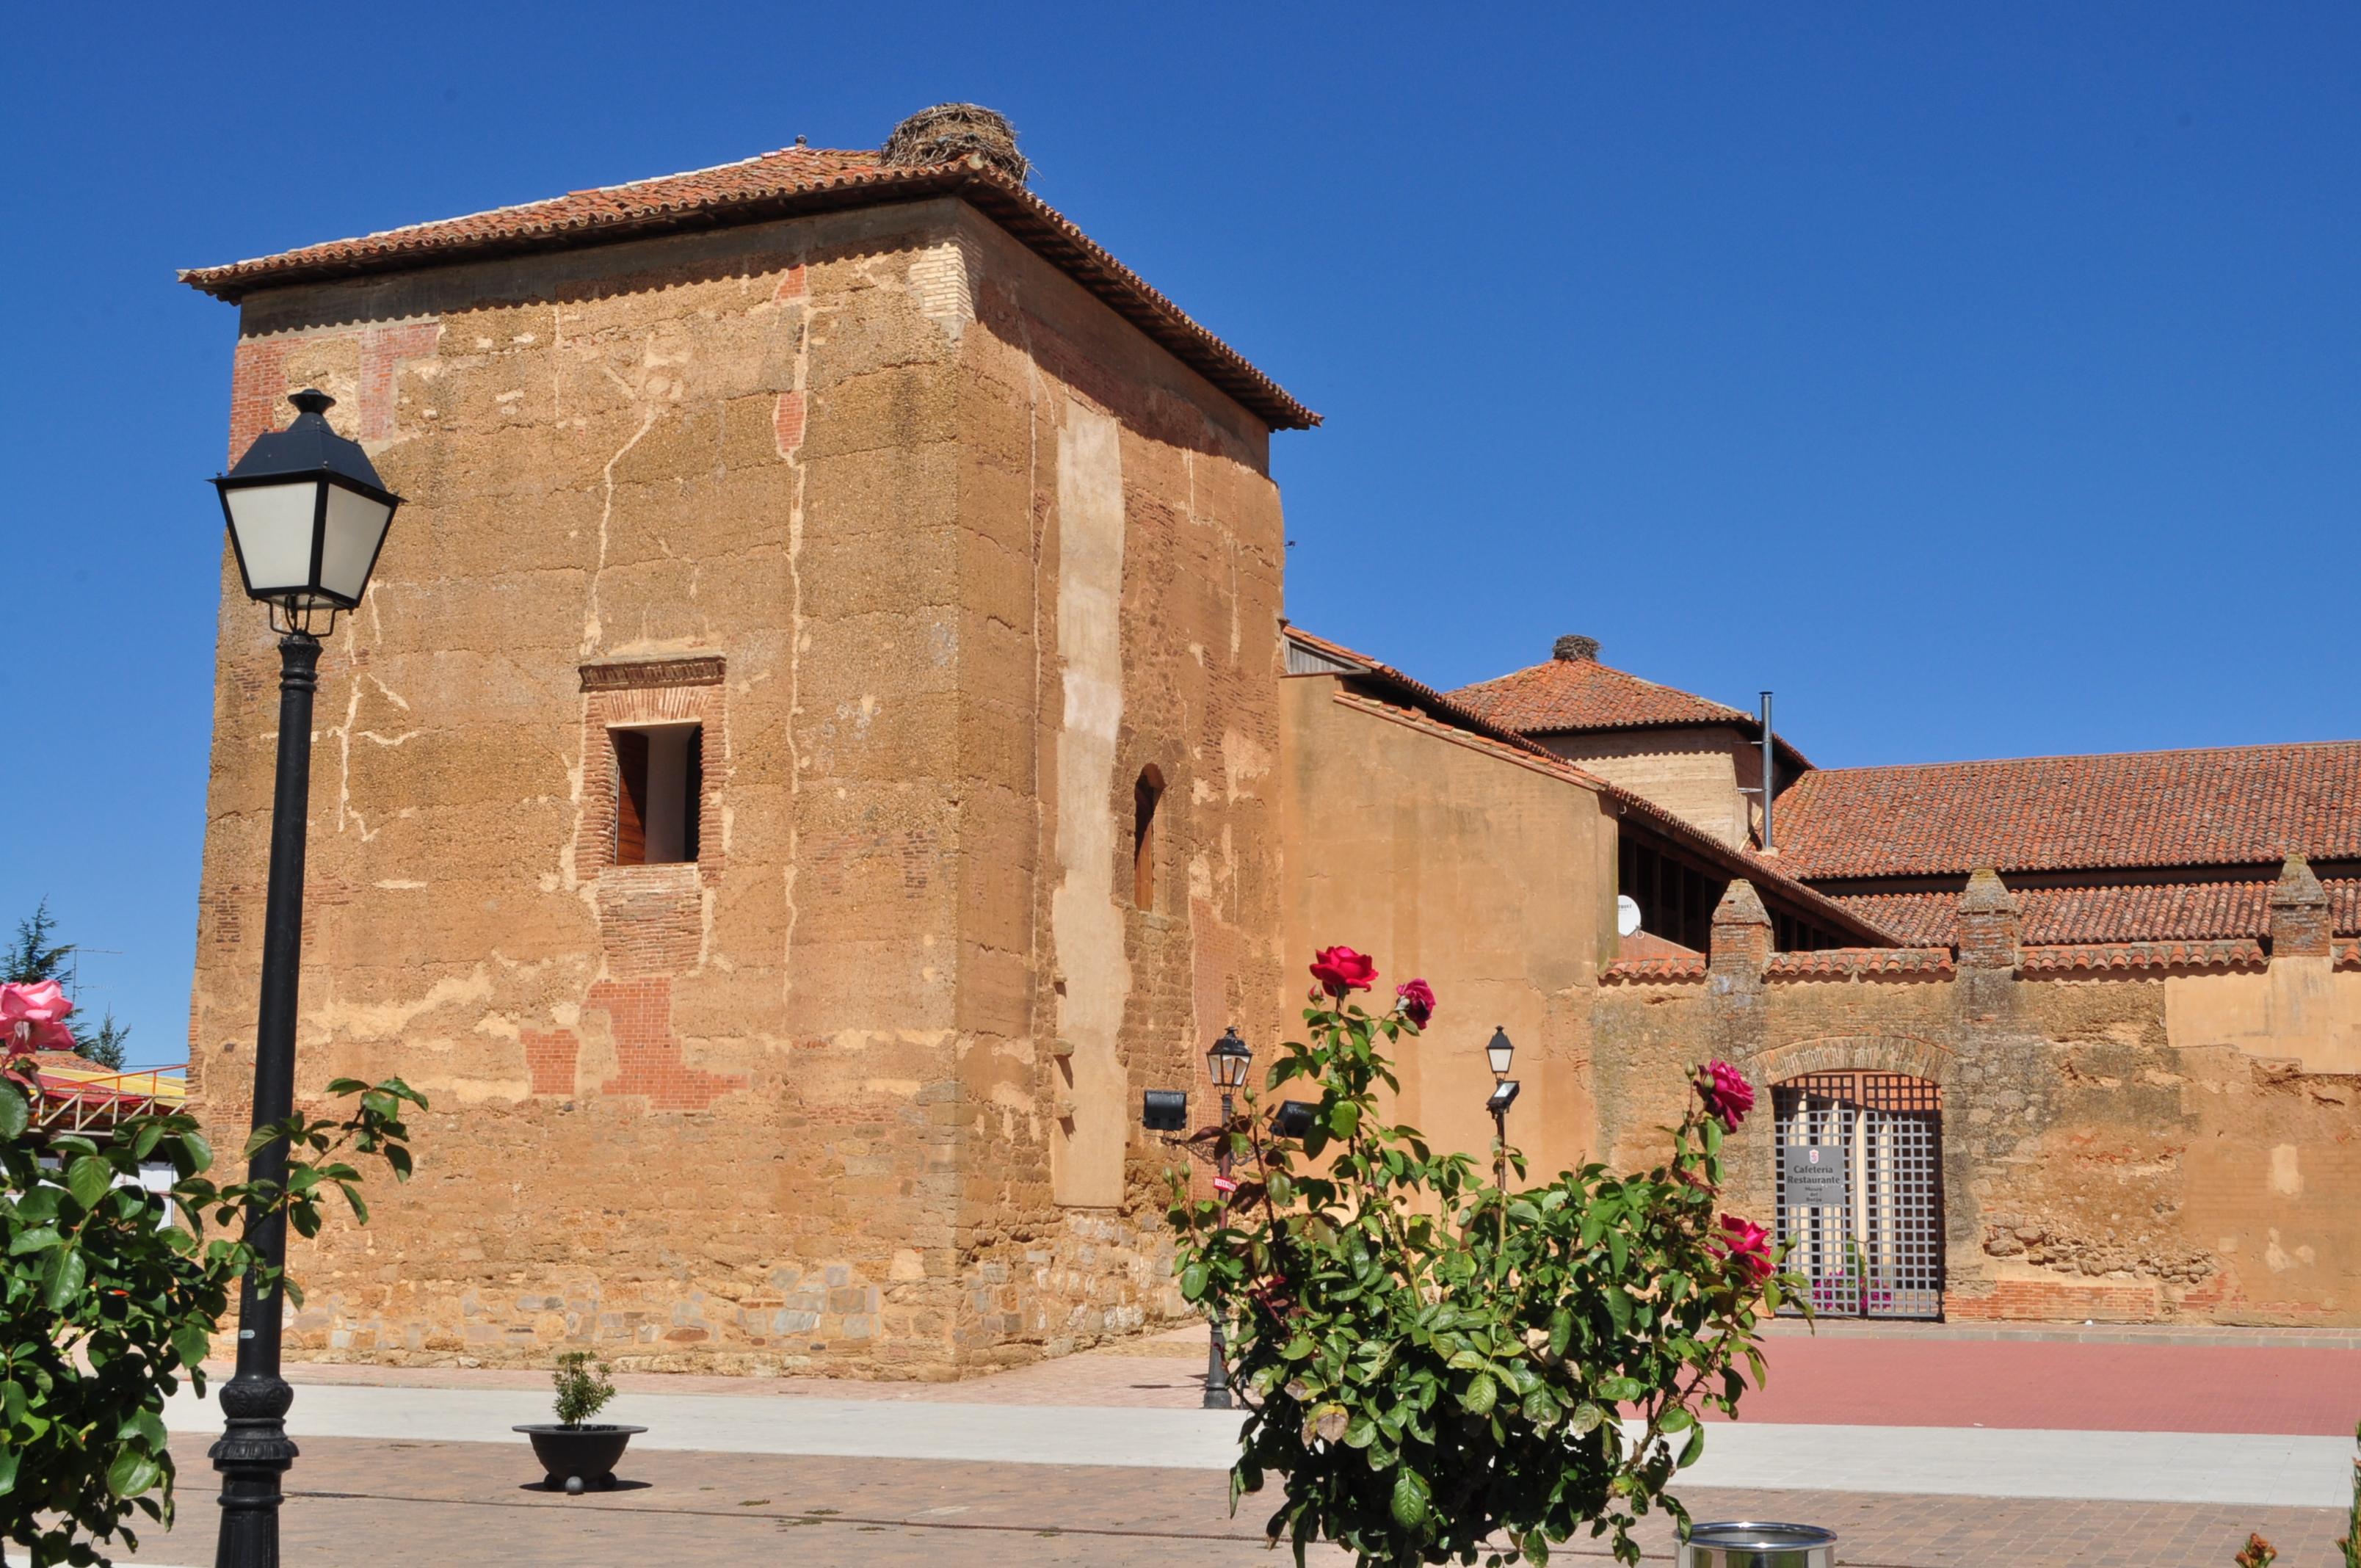 Castillo-Palacio de Toral de los Guzmanes (Foto David G. López)